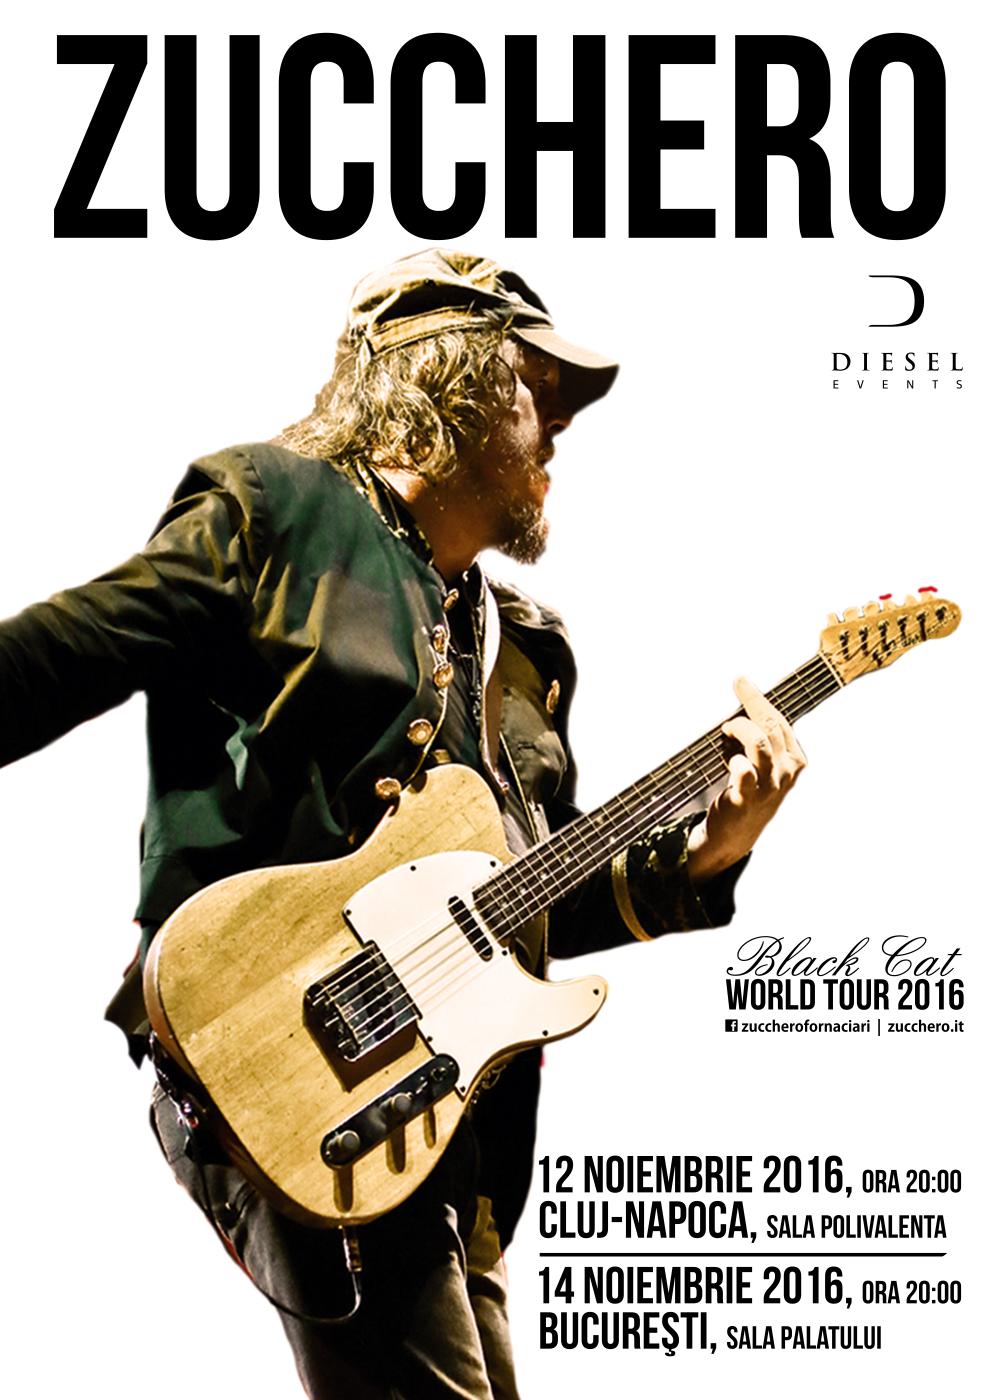 Zucchero, îndrăgostit de România! Italianul cu peste 60 milioane de albume vândute va concerta pe 12 noiembrie în Sala Polivalentă din Cluj